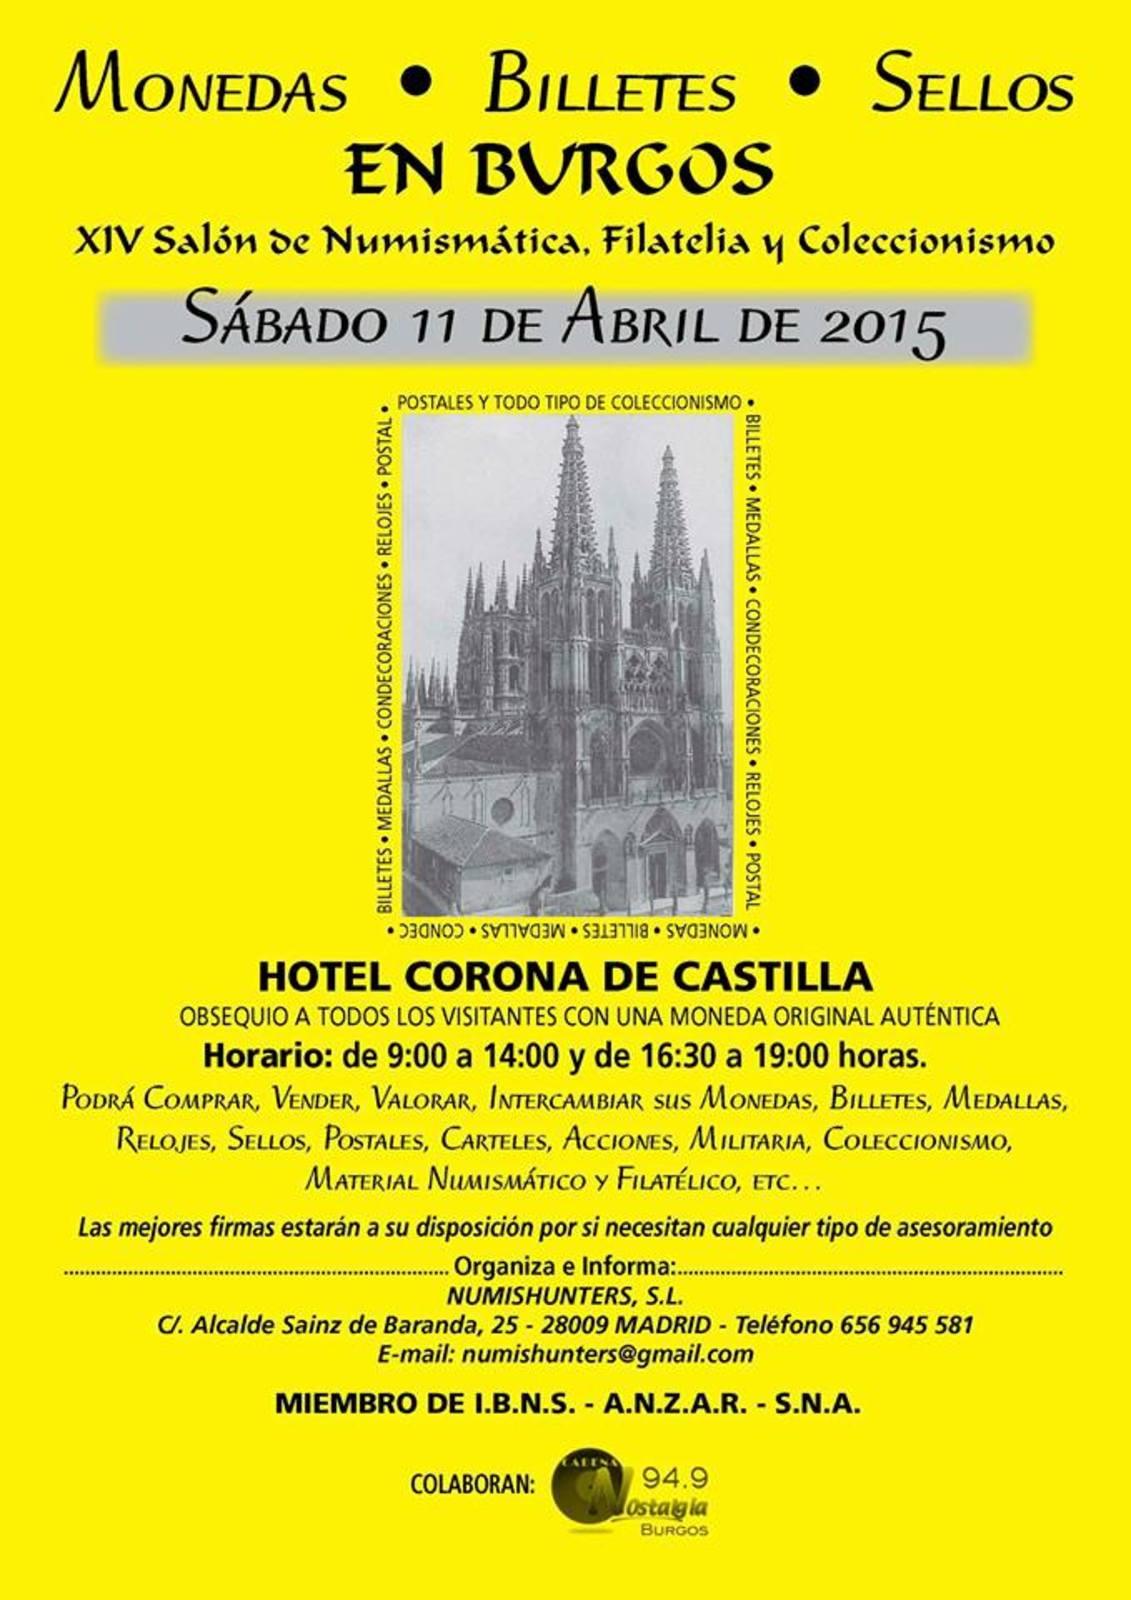 Convención Numismática en Burgos, Sábado 11 de Abril 11046799_800974869982587_4576970223110062924_n